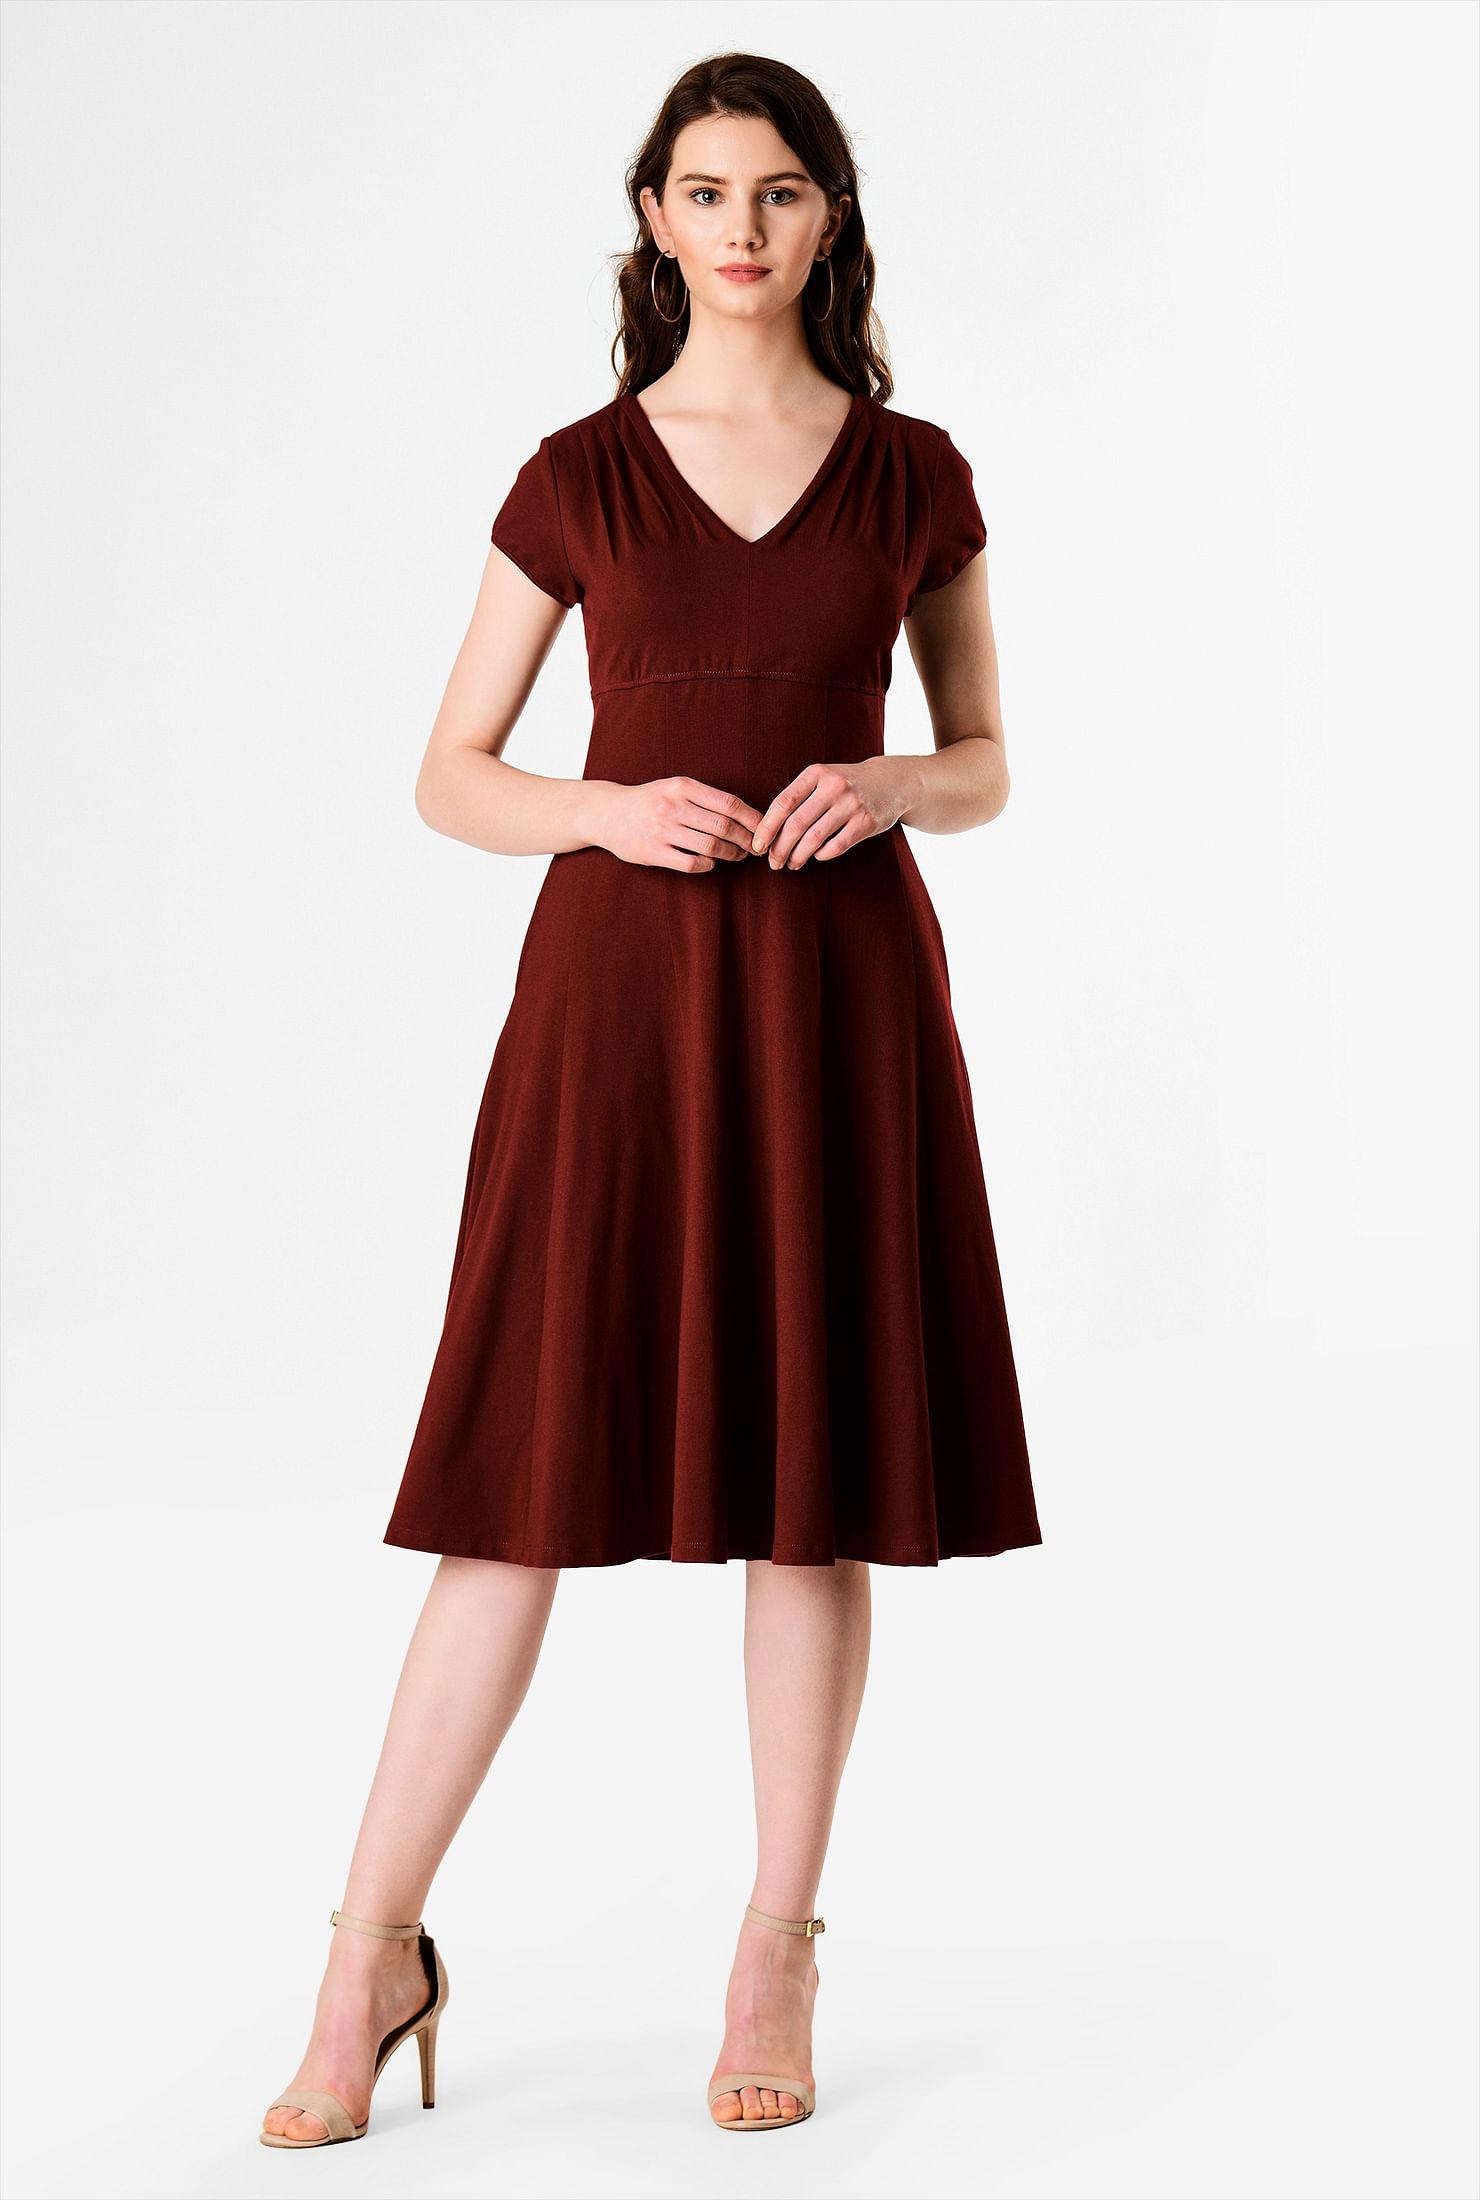 7506a5efb2eae4 all-size inclusive dresses, casual event dresses, petites, plus size dresses